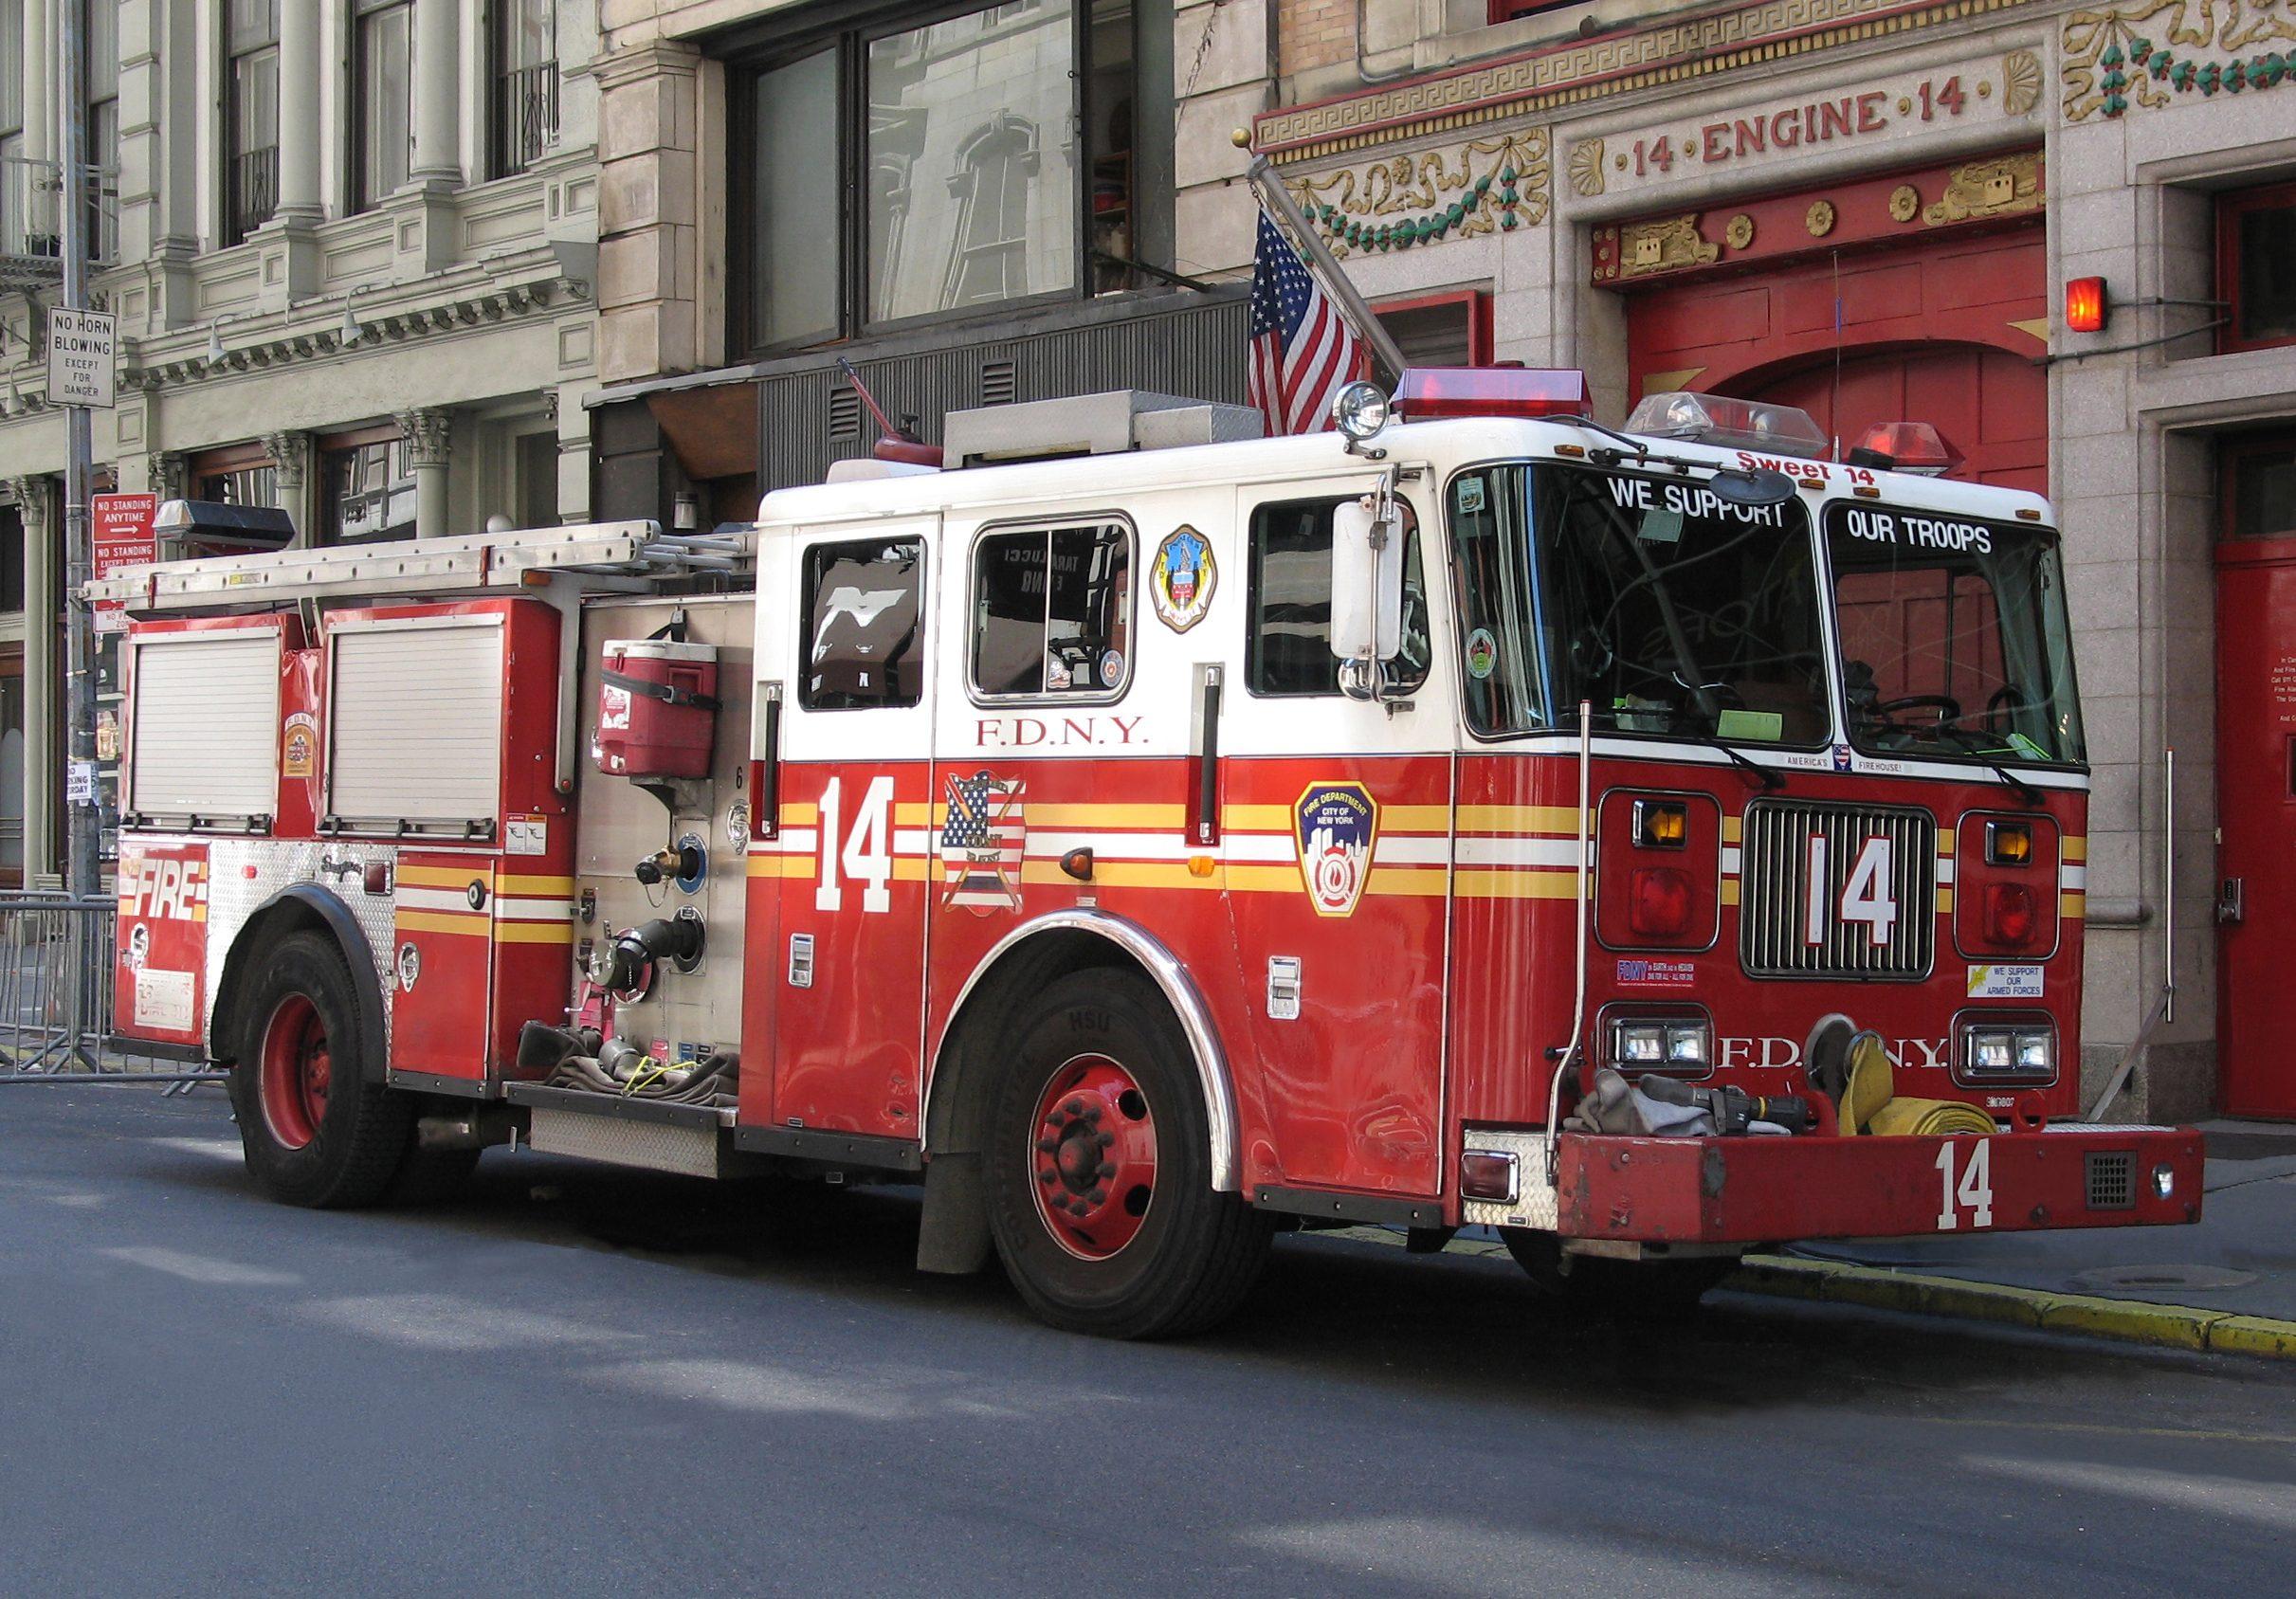 New York City Fire truck